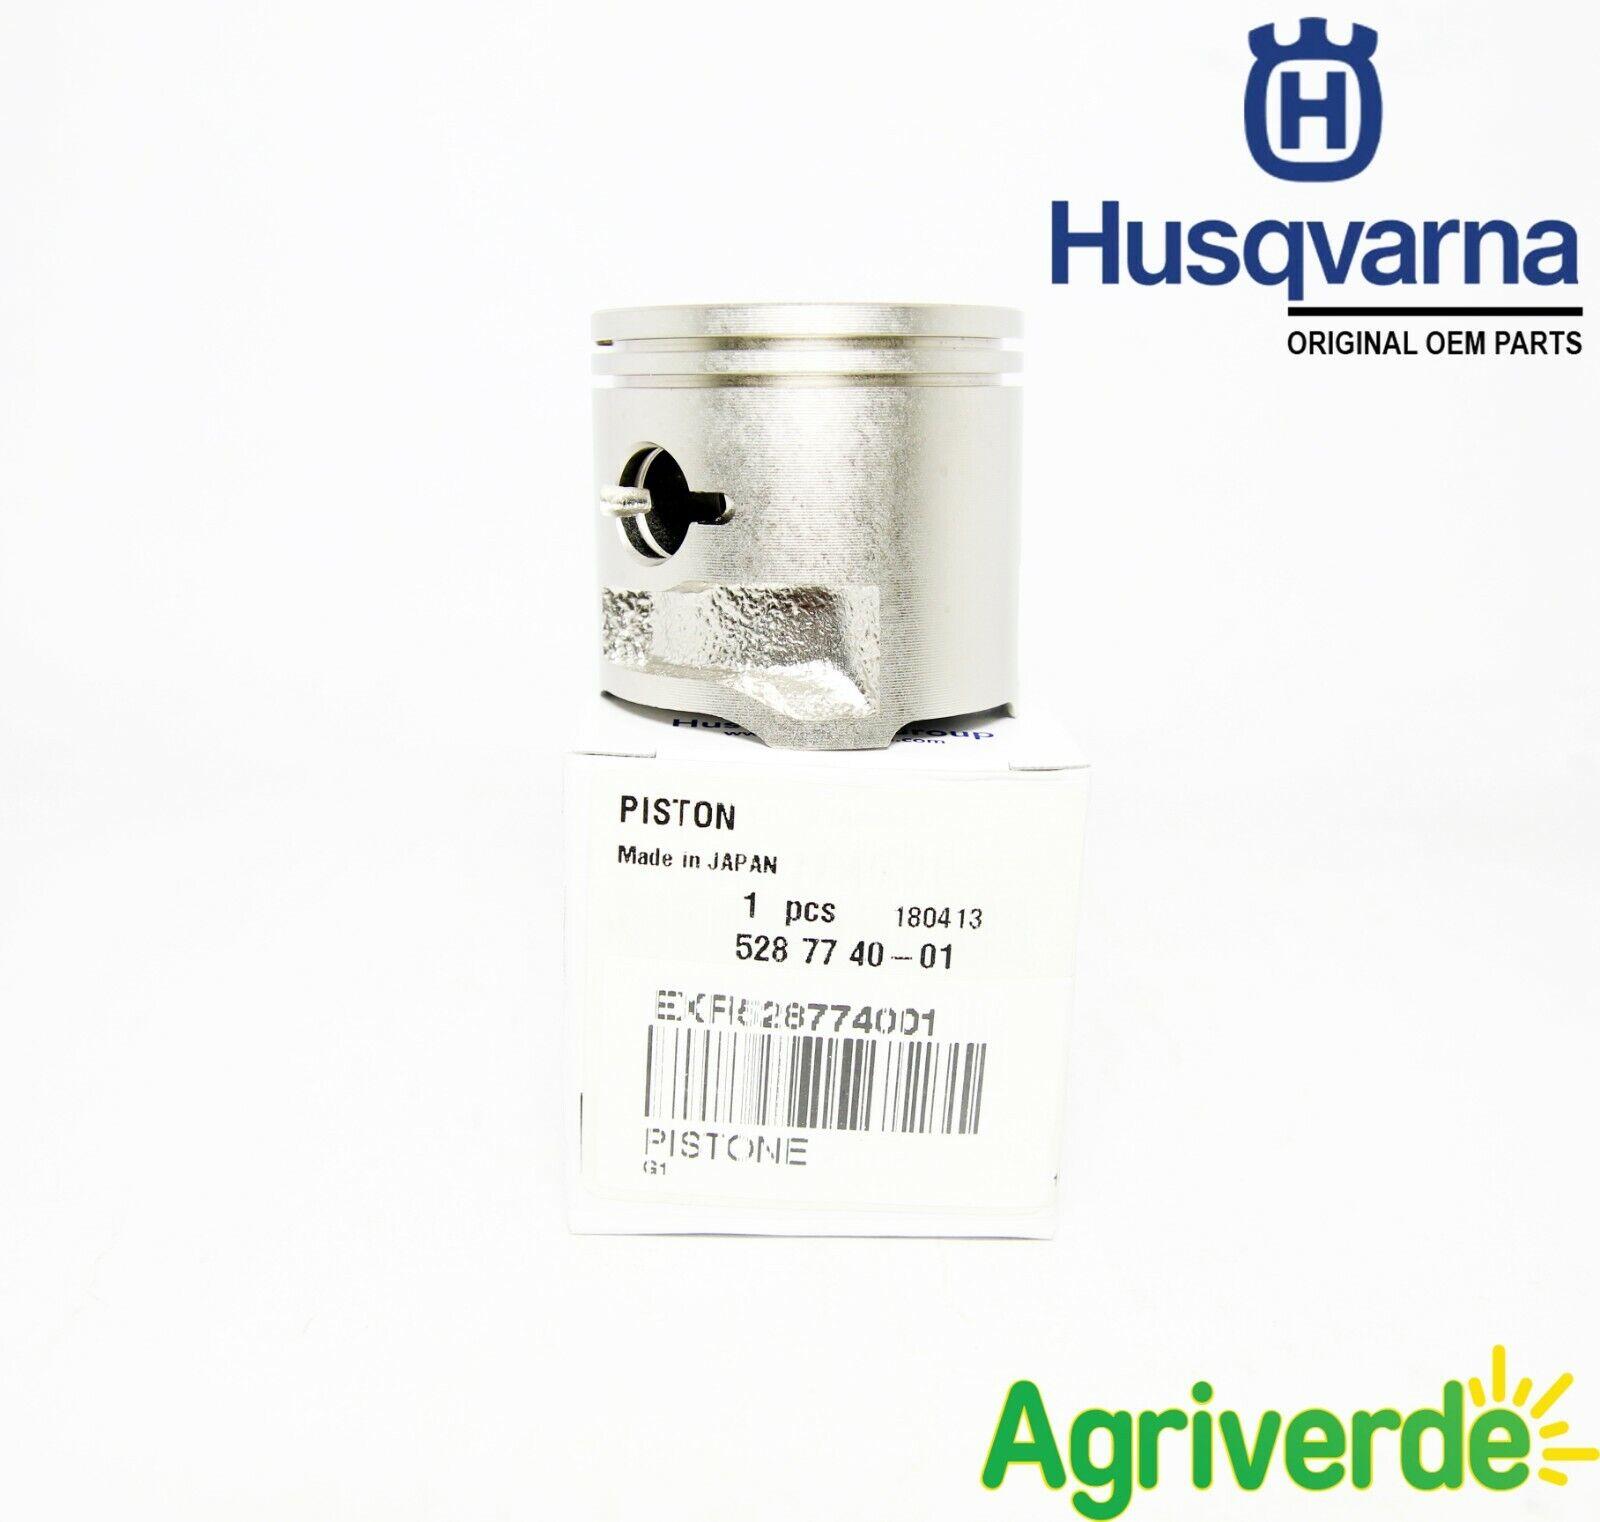 in vendita scontato del 70% Pistone Pistone Pistone per Decespugliatore Husqvarna 253R 253RJ 553RS 528774001  prezzi all'ingrosso